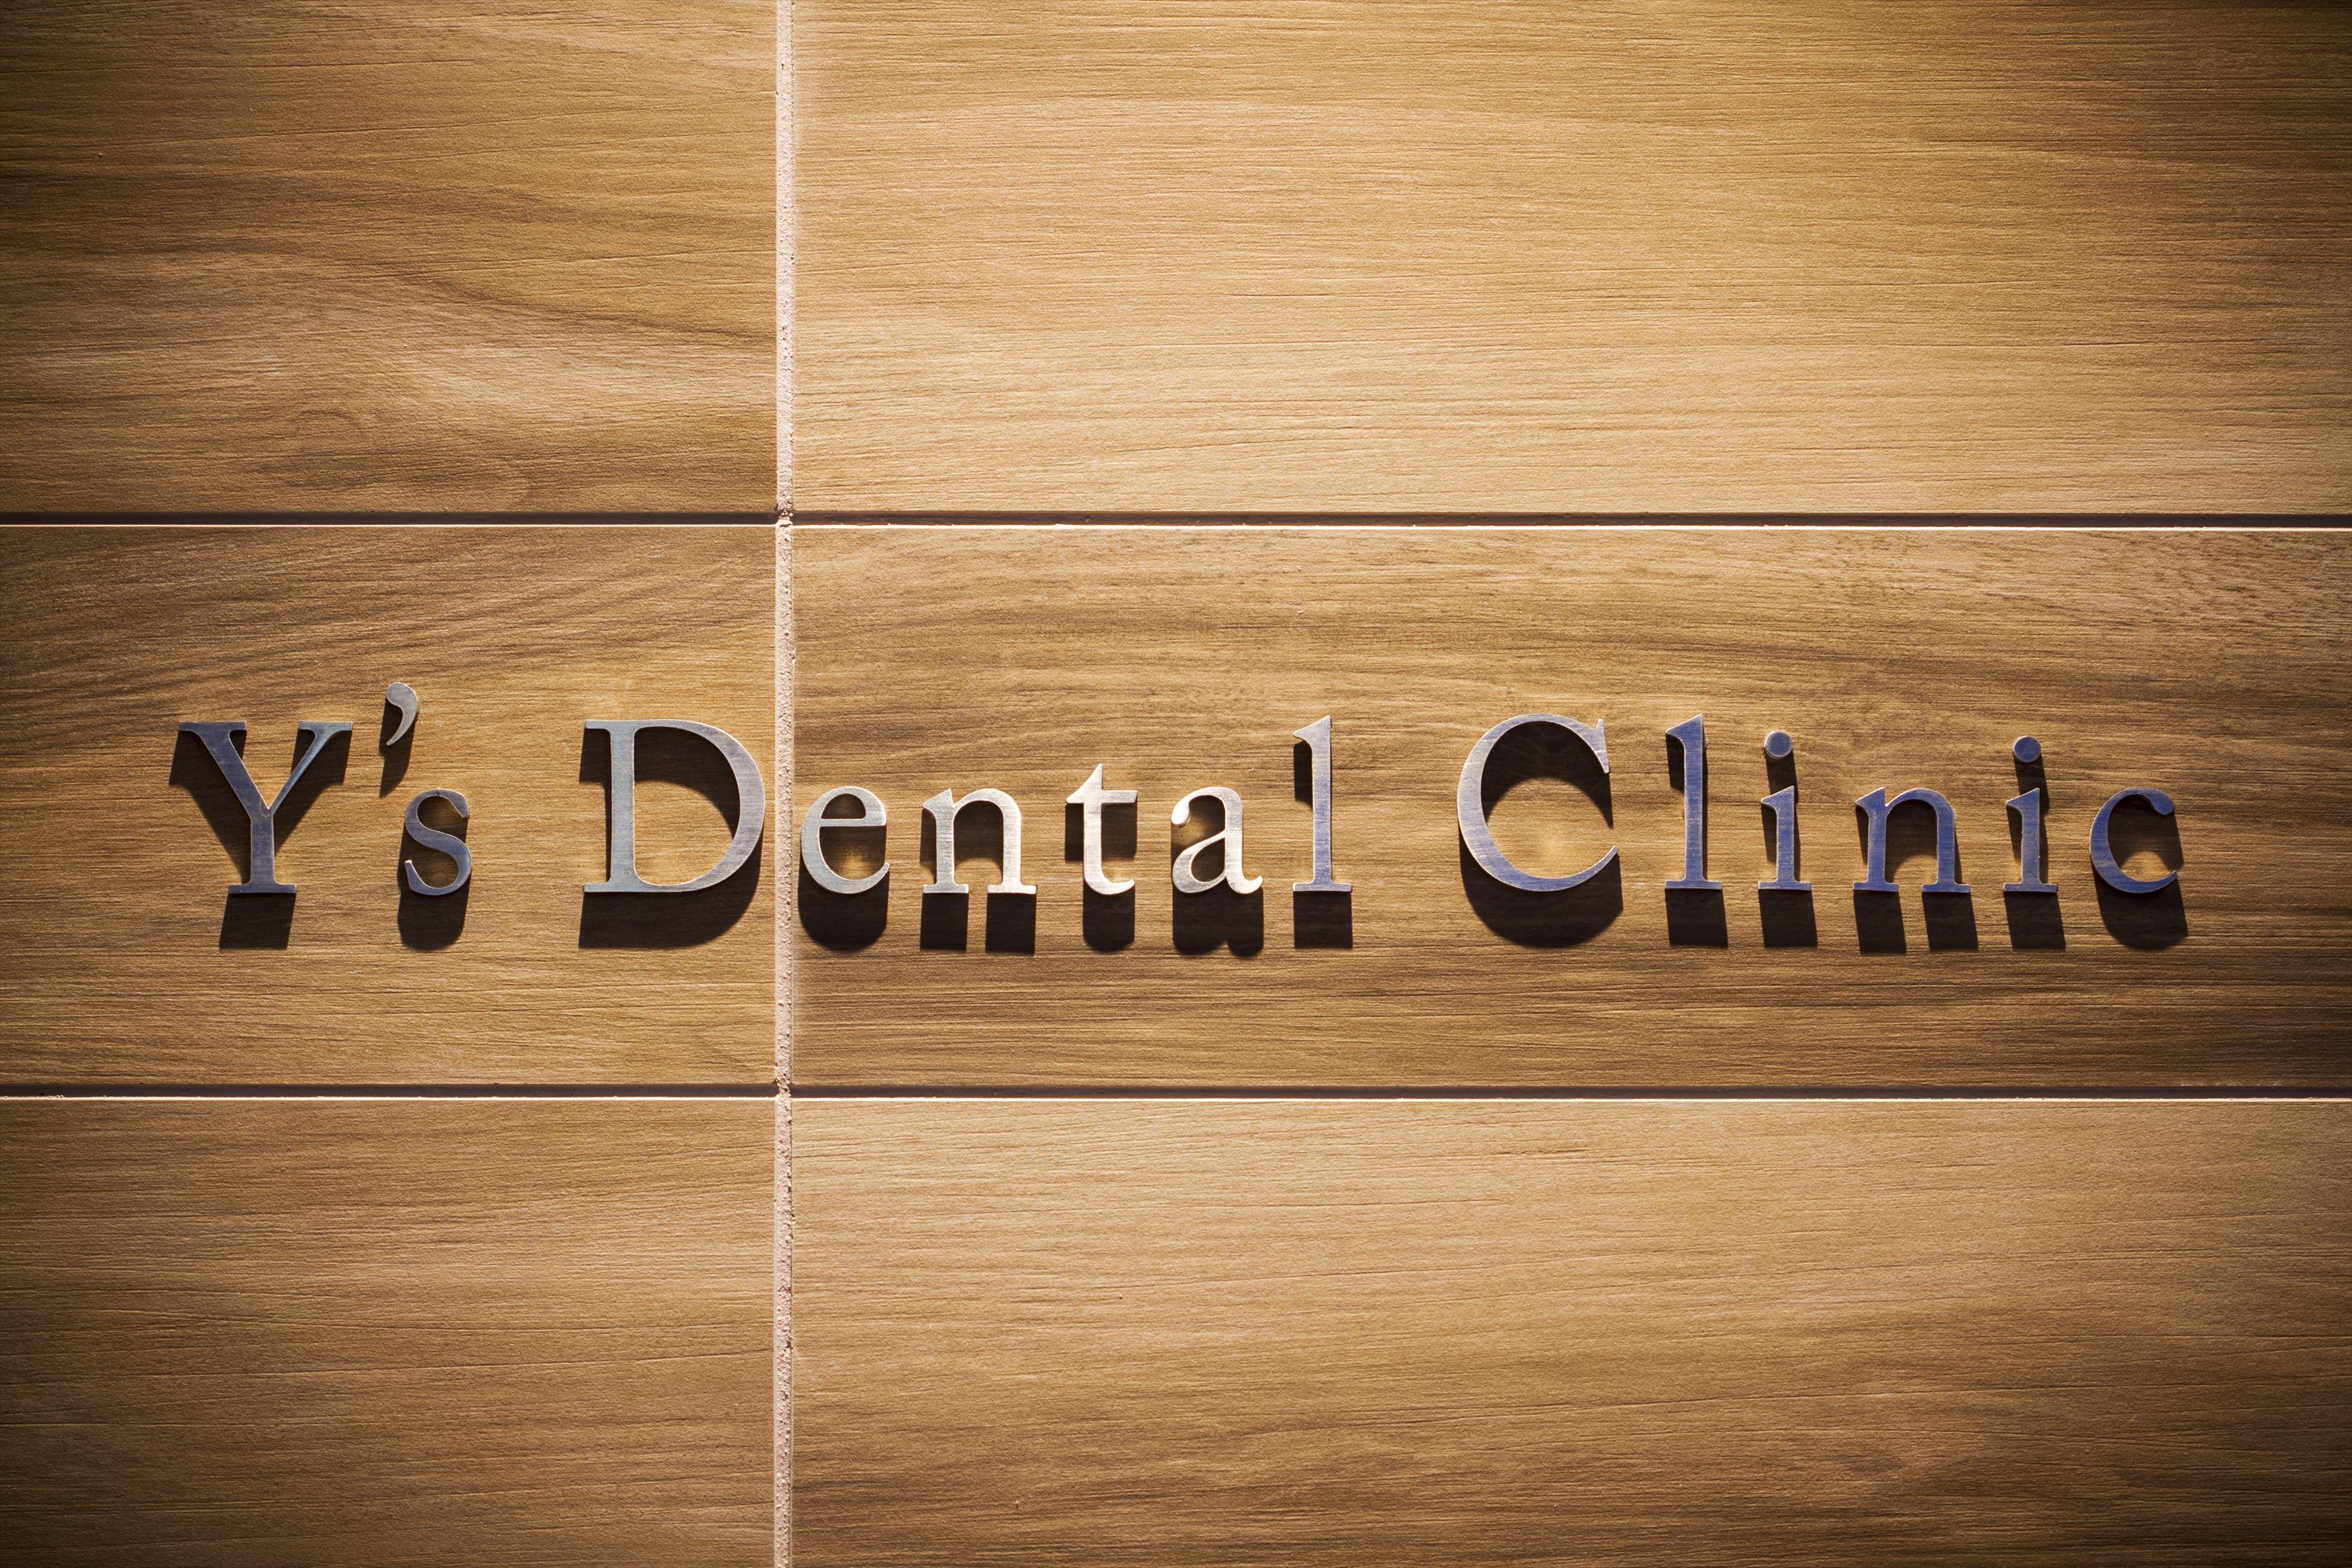 患者様一人ひとりあったオーダーメイドの歯科医療を提供致します。